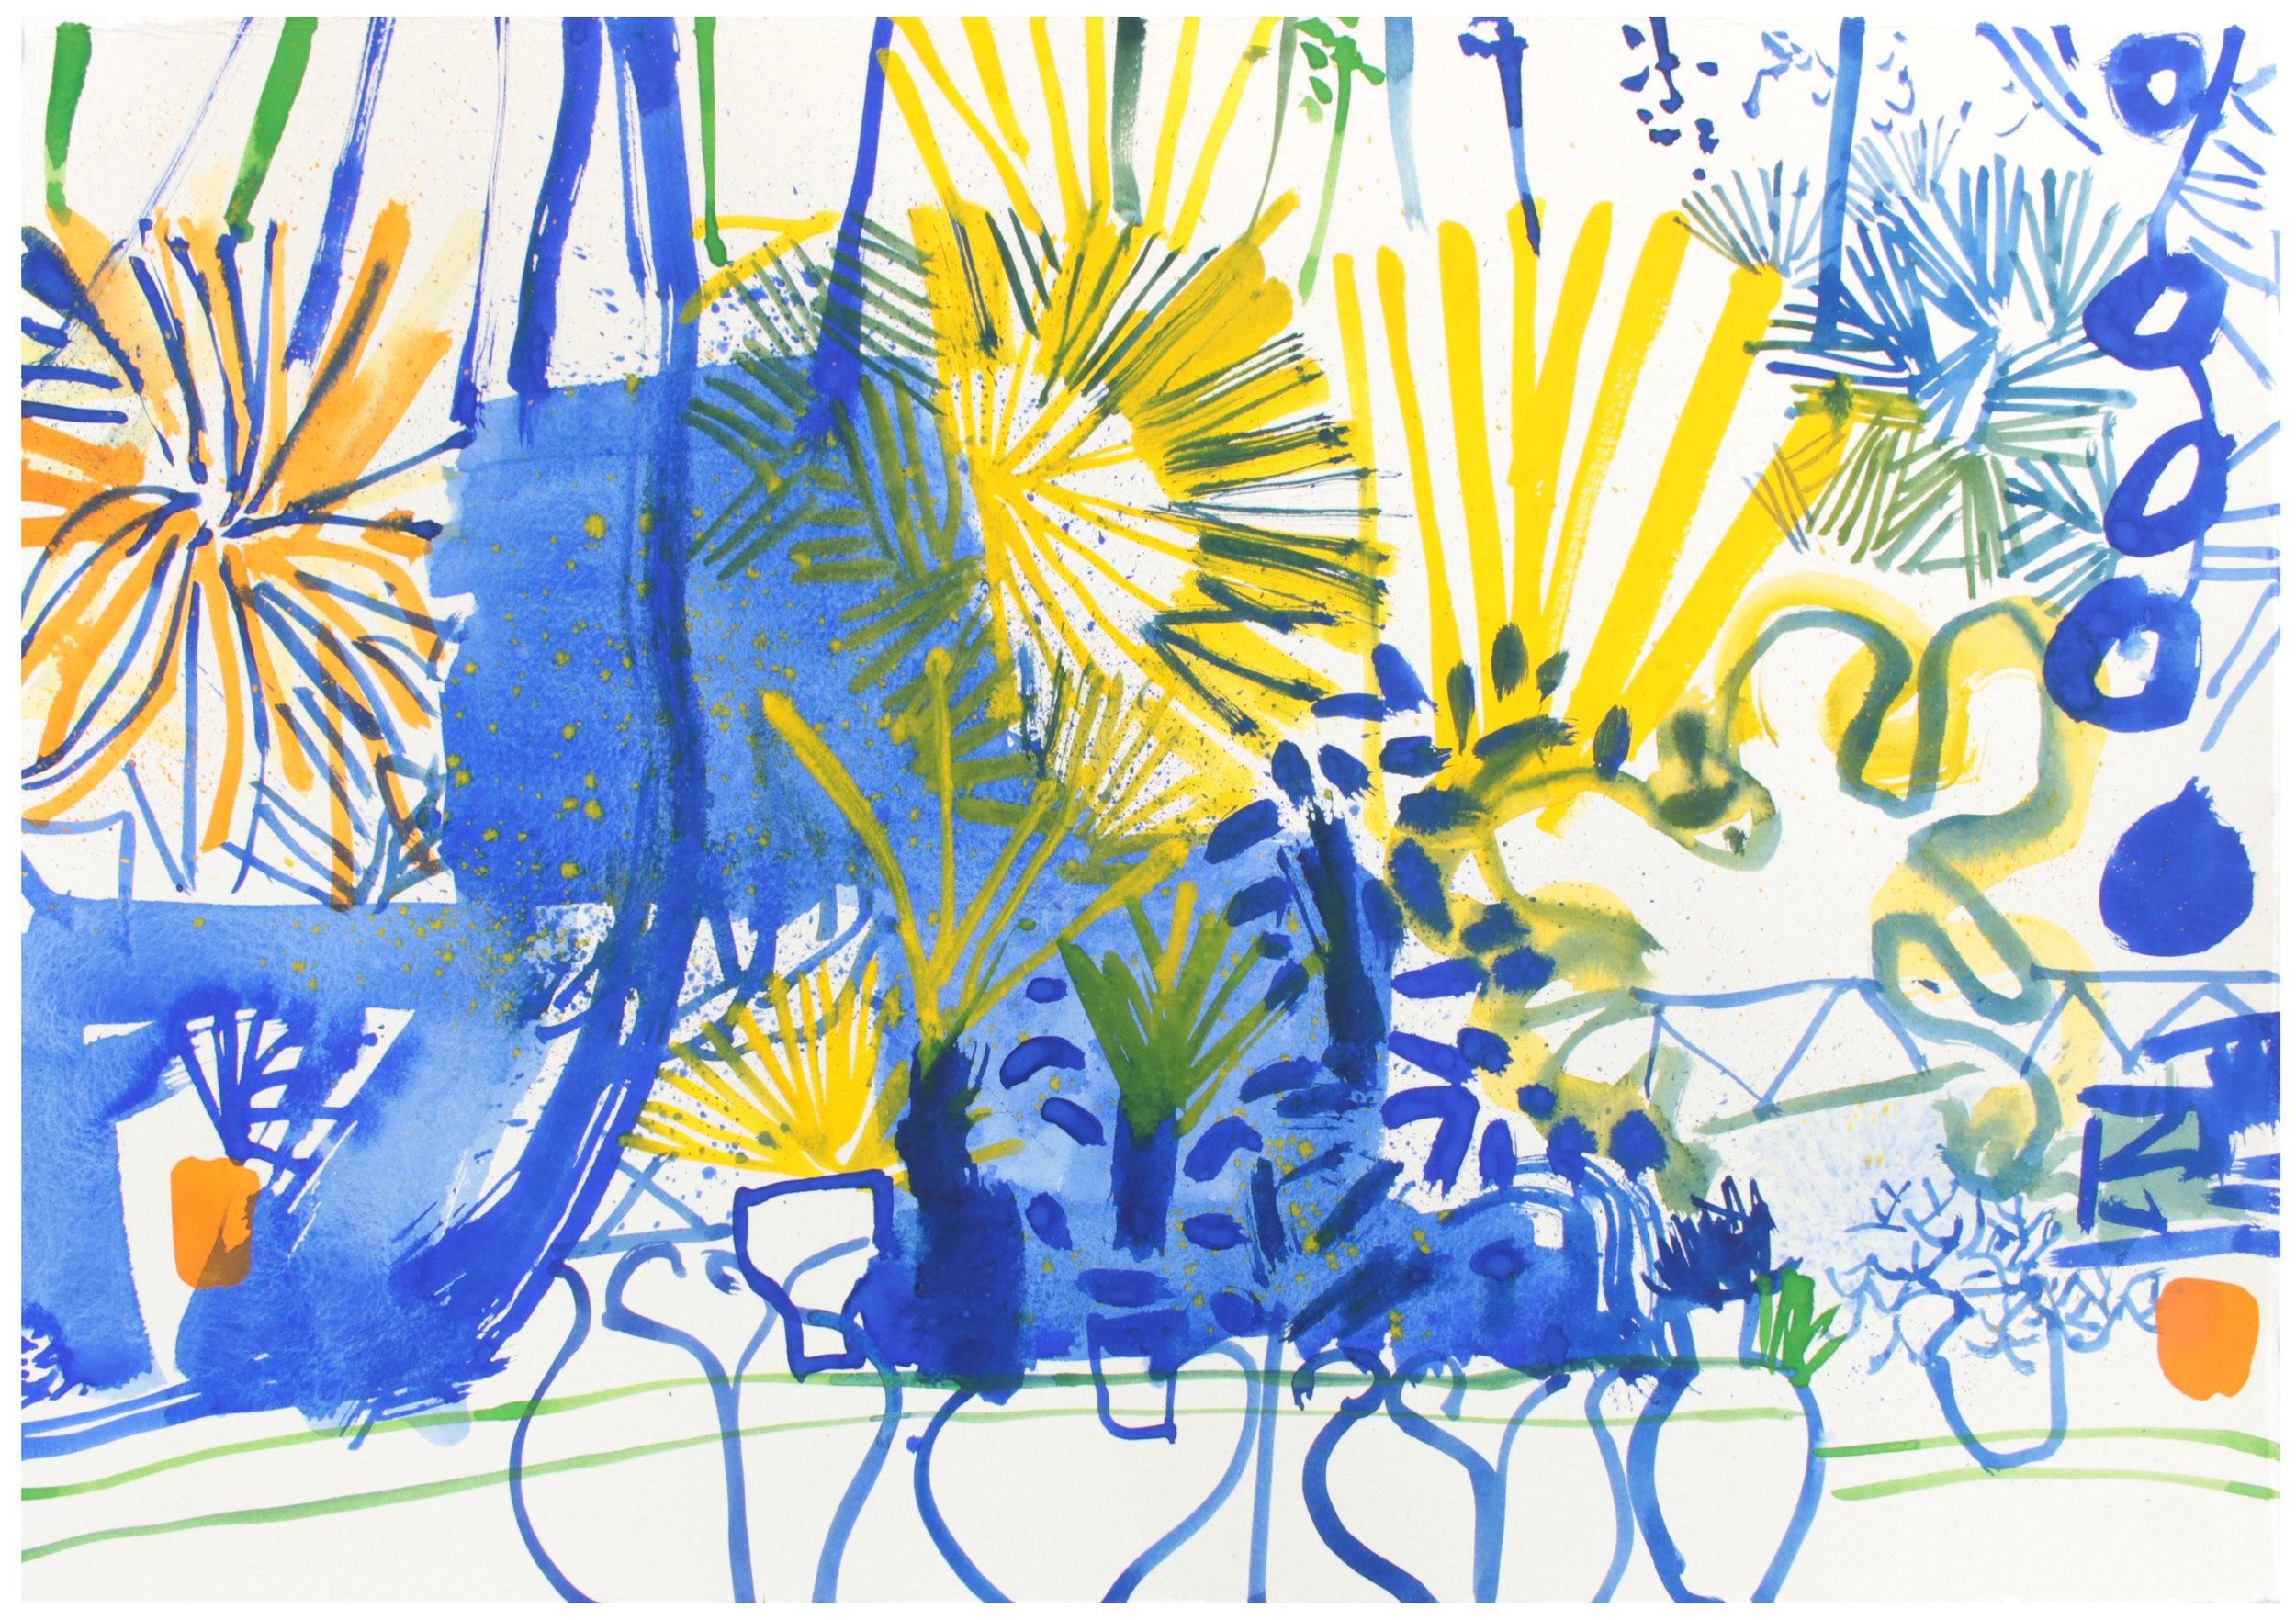 Majorelle Garden I 2015  38 x 56 cm  £600 Sold